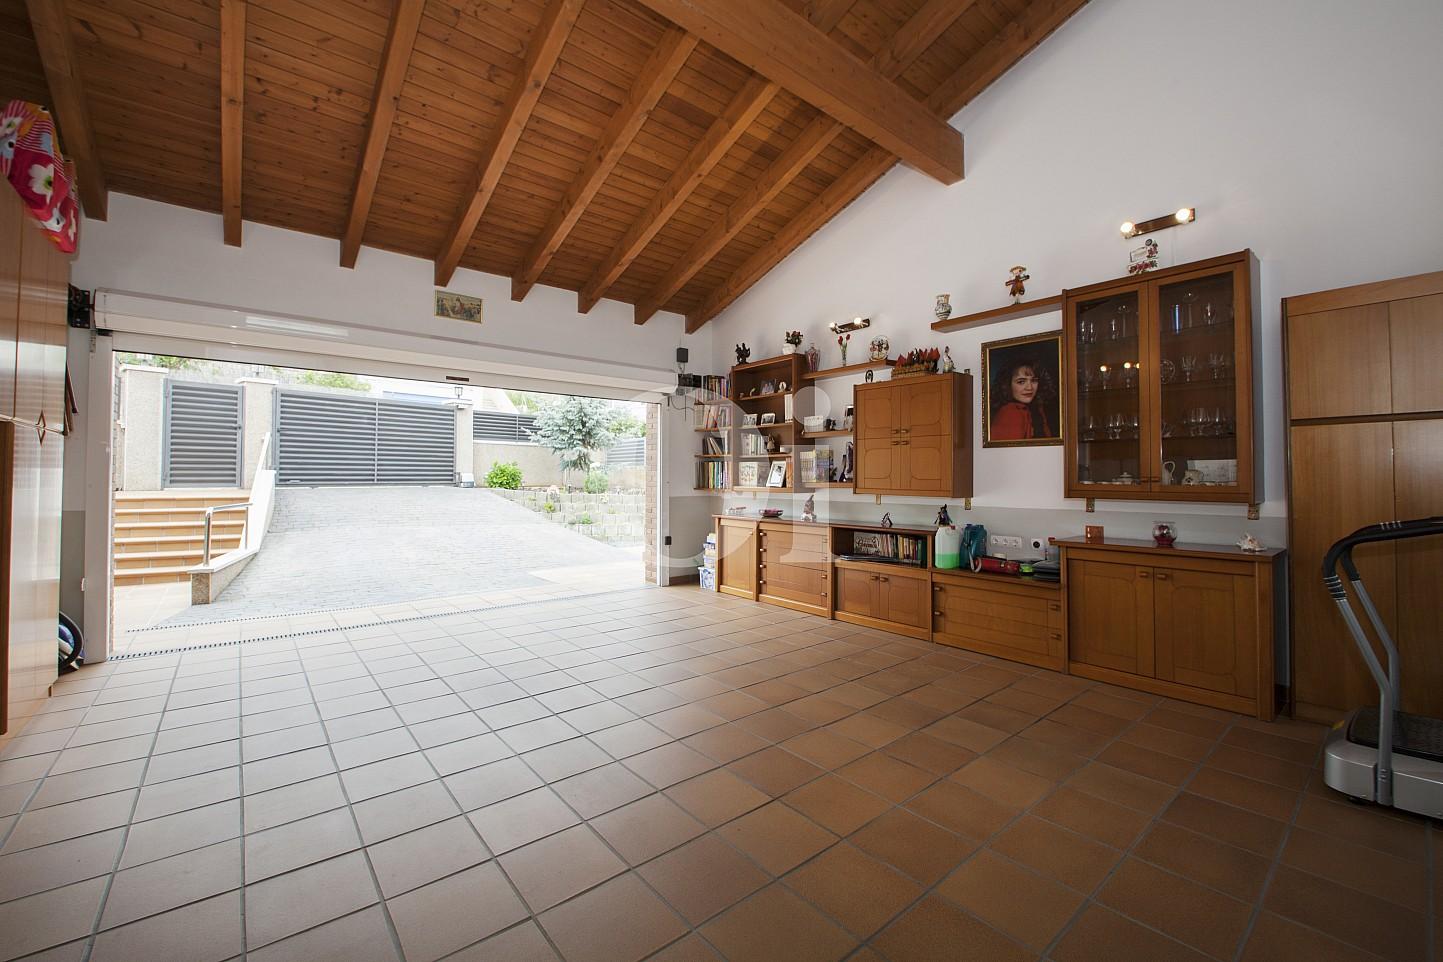 Blick in die Garage vom Haus zum Verkauf, Segur de Calafell